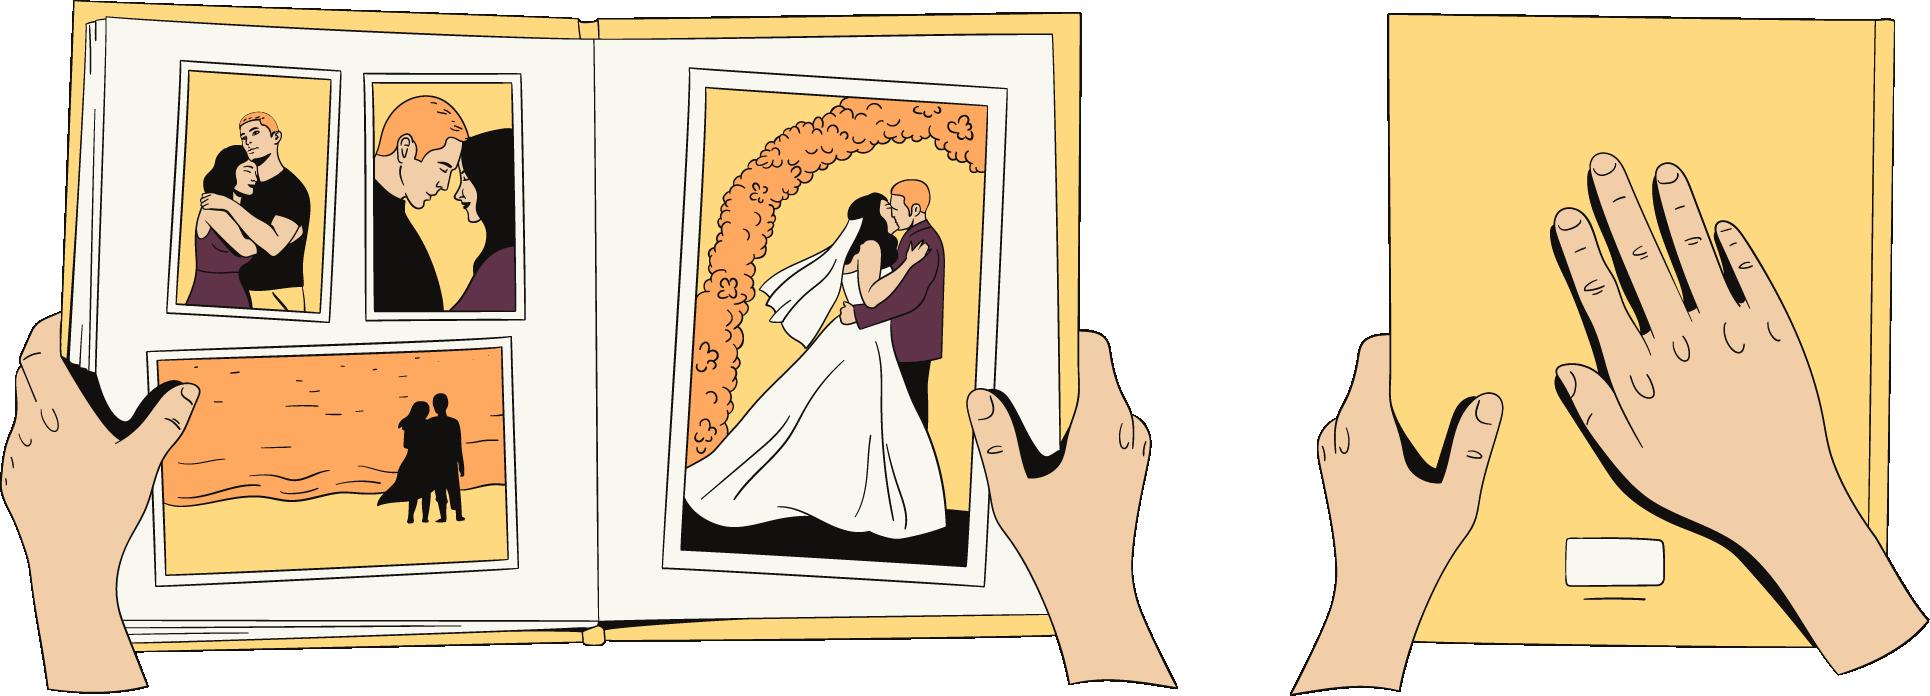 Het huwelijk is ten einde. Een vrouw doet het boek ervan dicht.